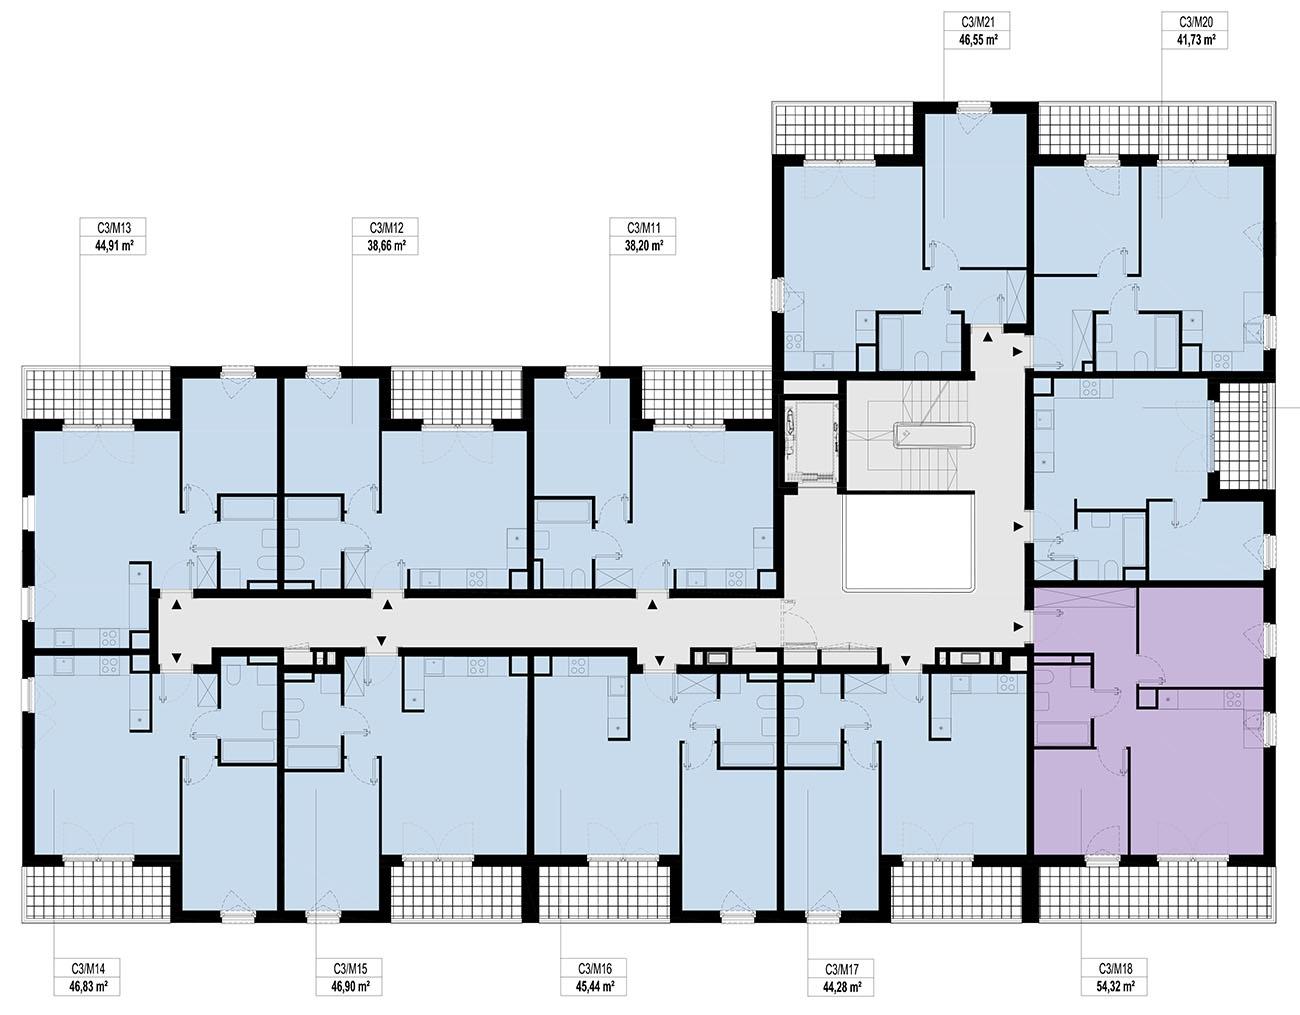 Etap 3 - Budynek C - Piętro 1